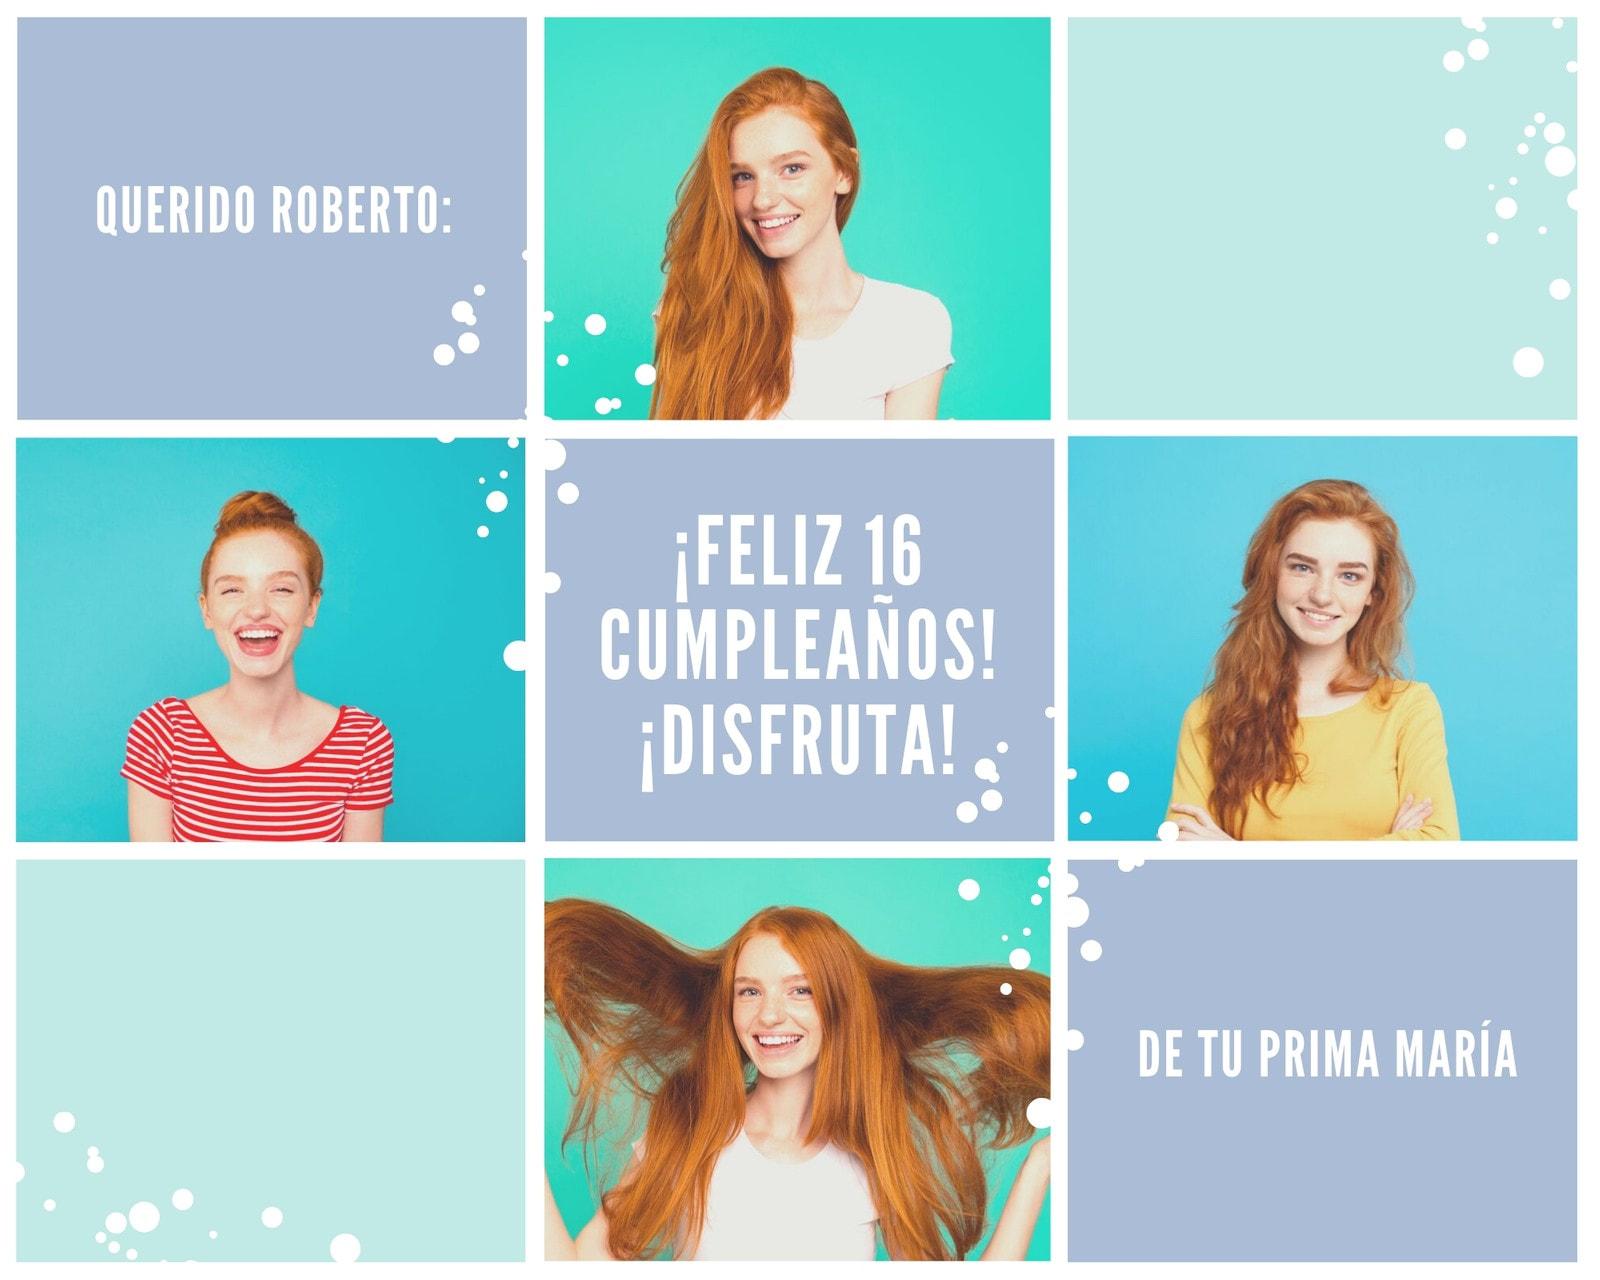 Morado Verde Azul Blanco Mujer Nieve Cumpleaños Foto Collage